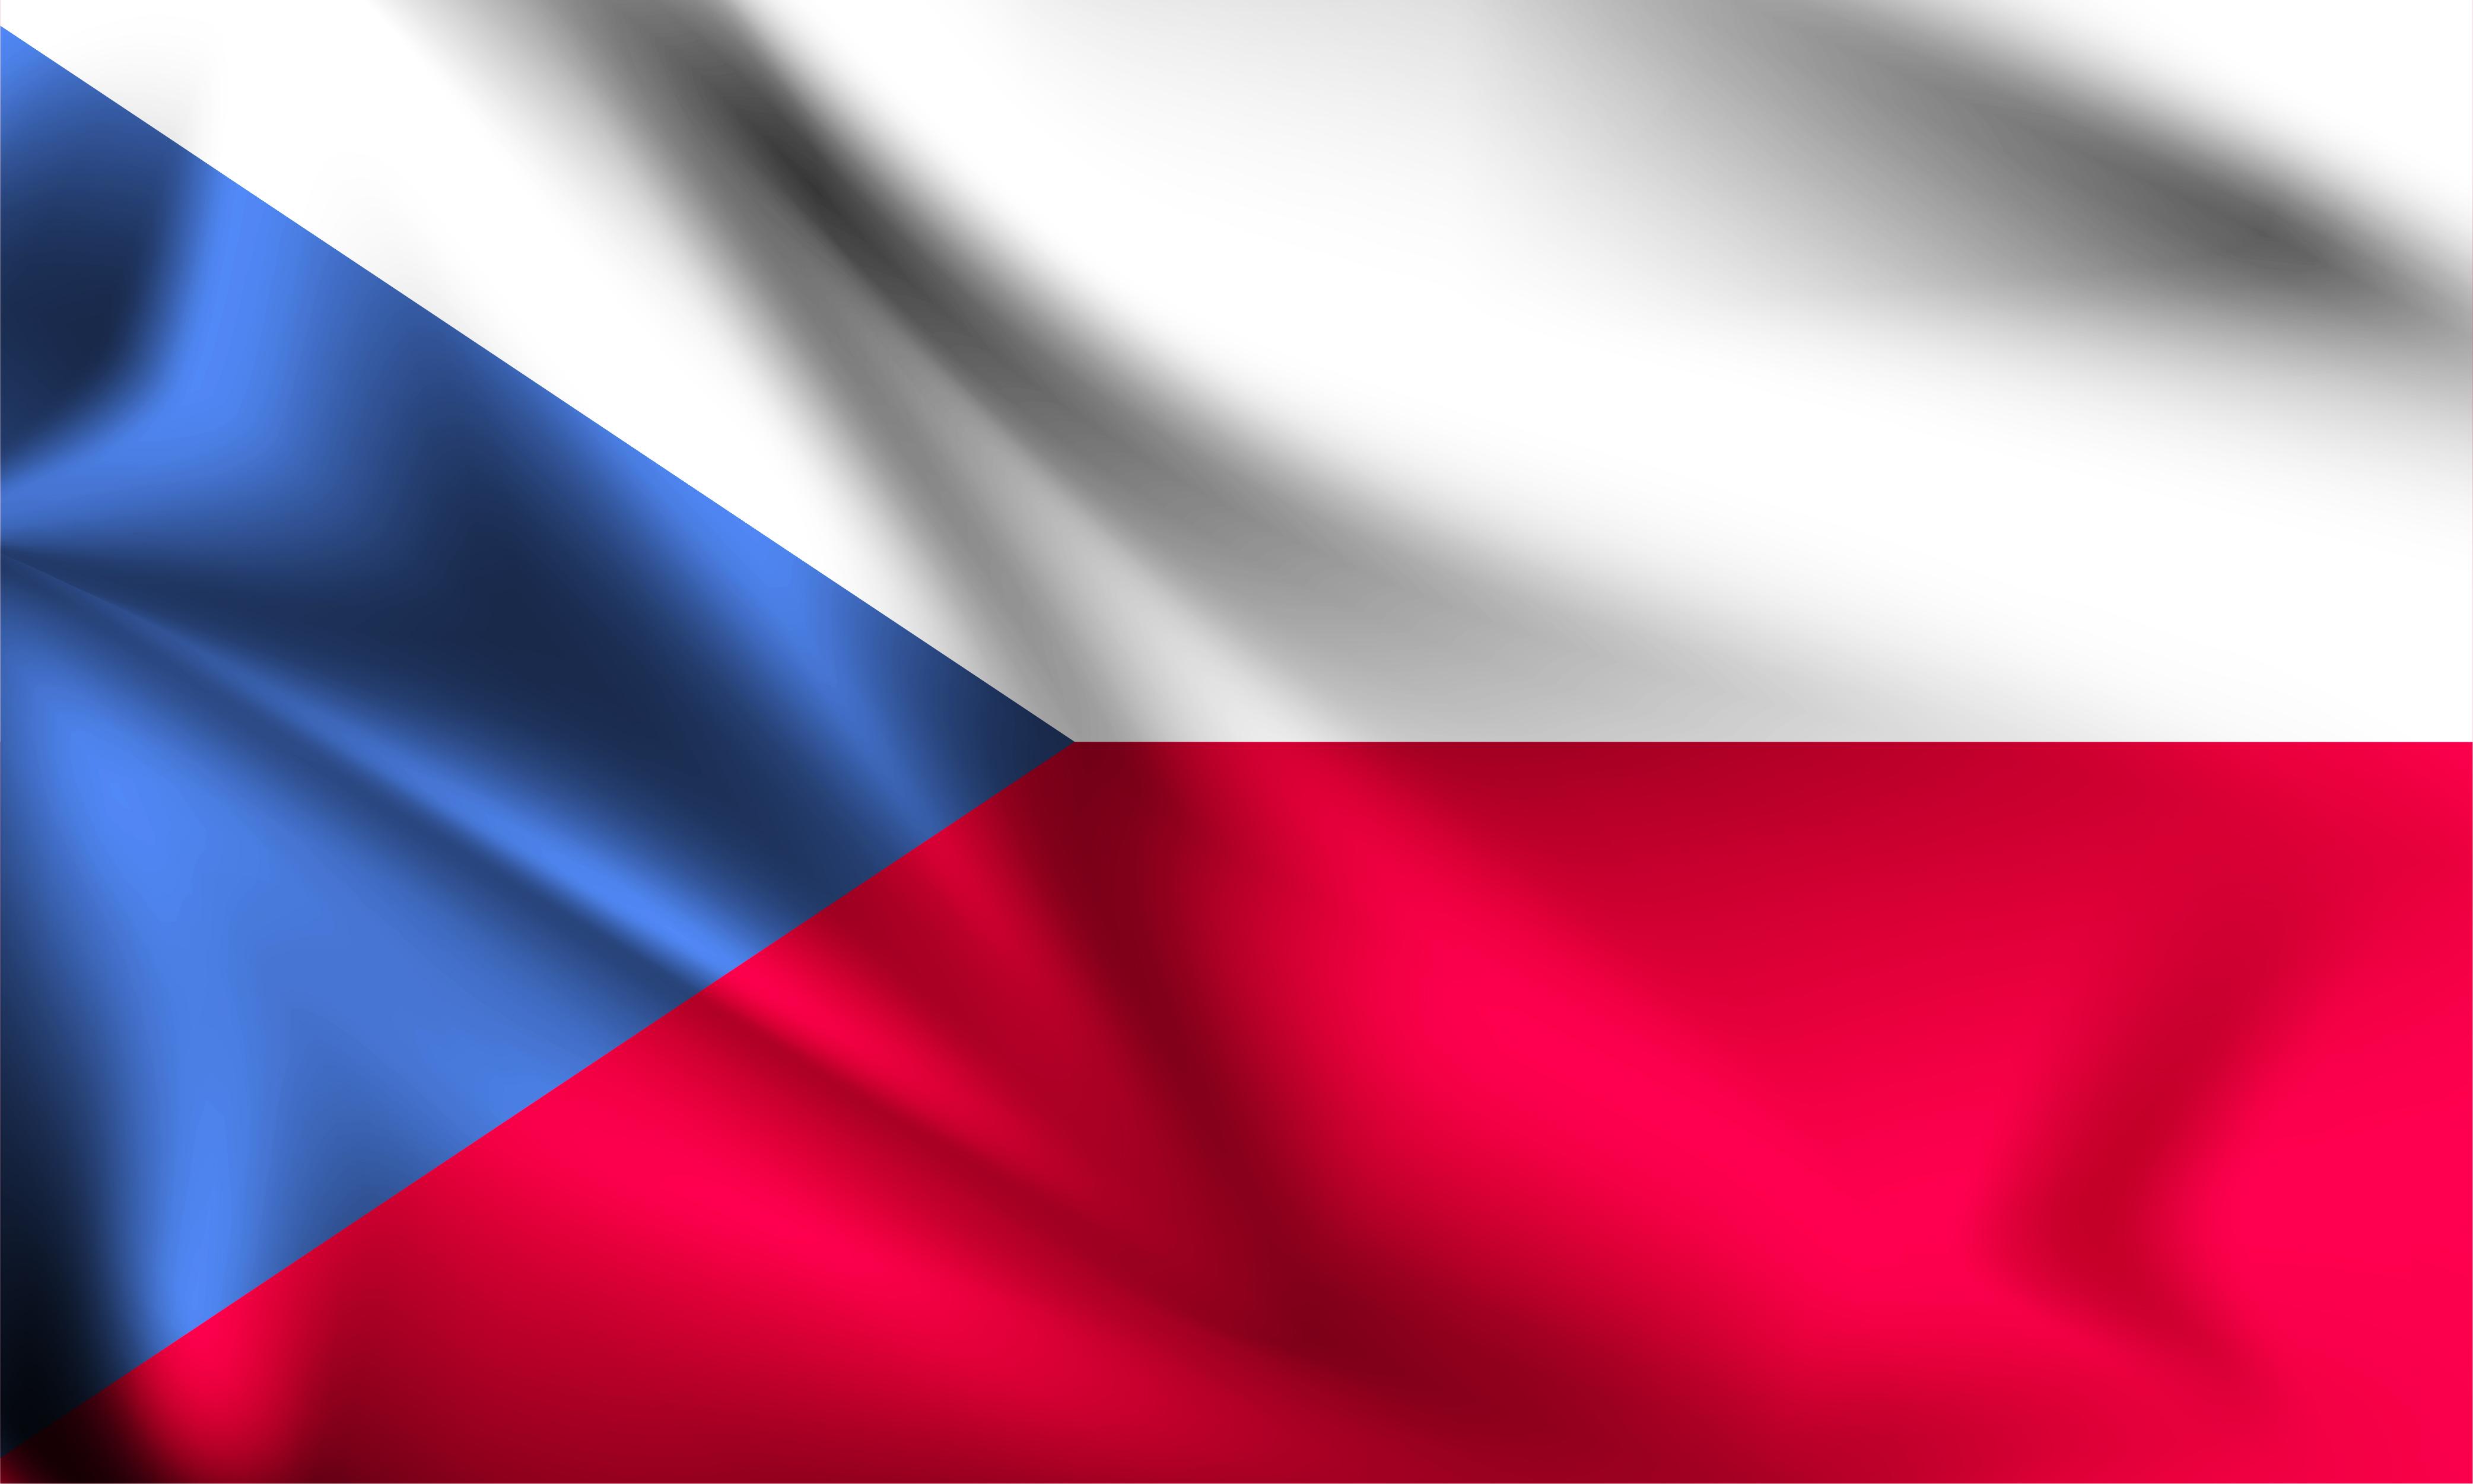 drapeau 3d de la république tchèque 1228990 - Telecharger Vectoriel  Gratuit, Clipart Graphique, Vecteur Dessins et Pictogramme Gratuit